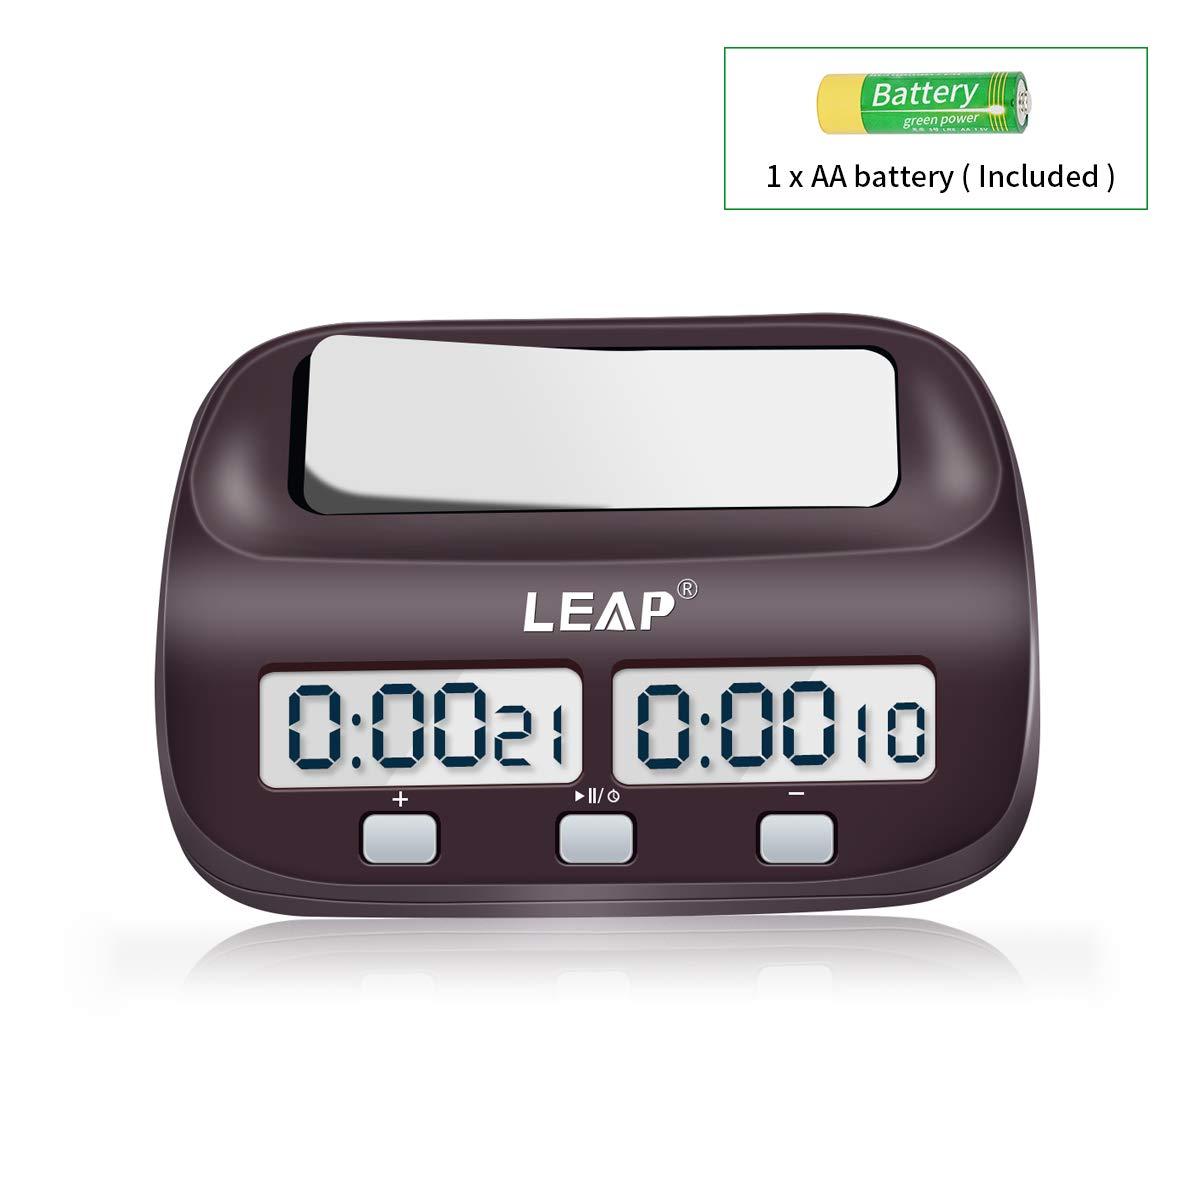 LEAP Chess Clock Digital Chess Timer for Board Games Timer  59/5000 Đồng hồ cờ vua LEAP Đồng hồ bấm giờ kỹ thuật số cho đồng hồ bấm giờ Send feedback History Saved Community